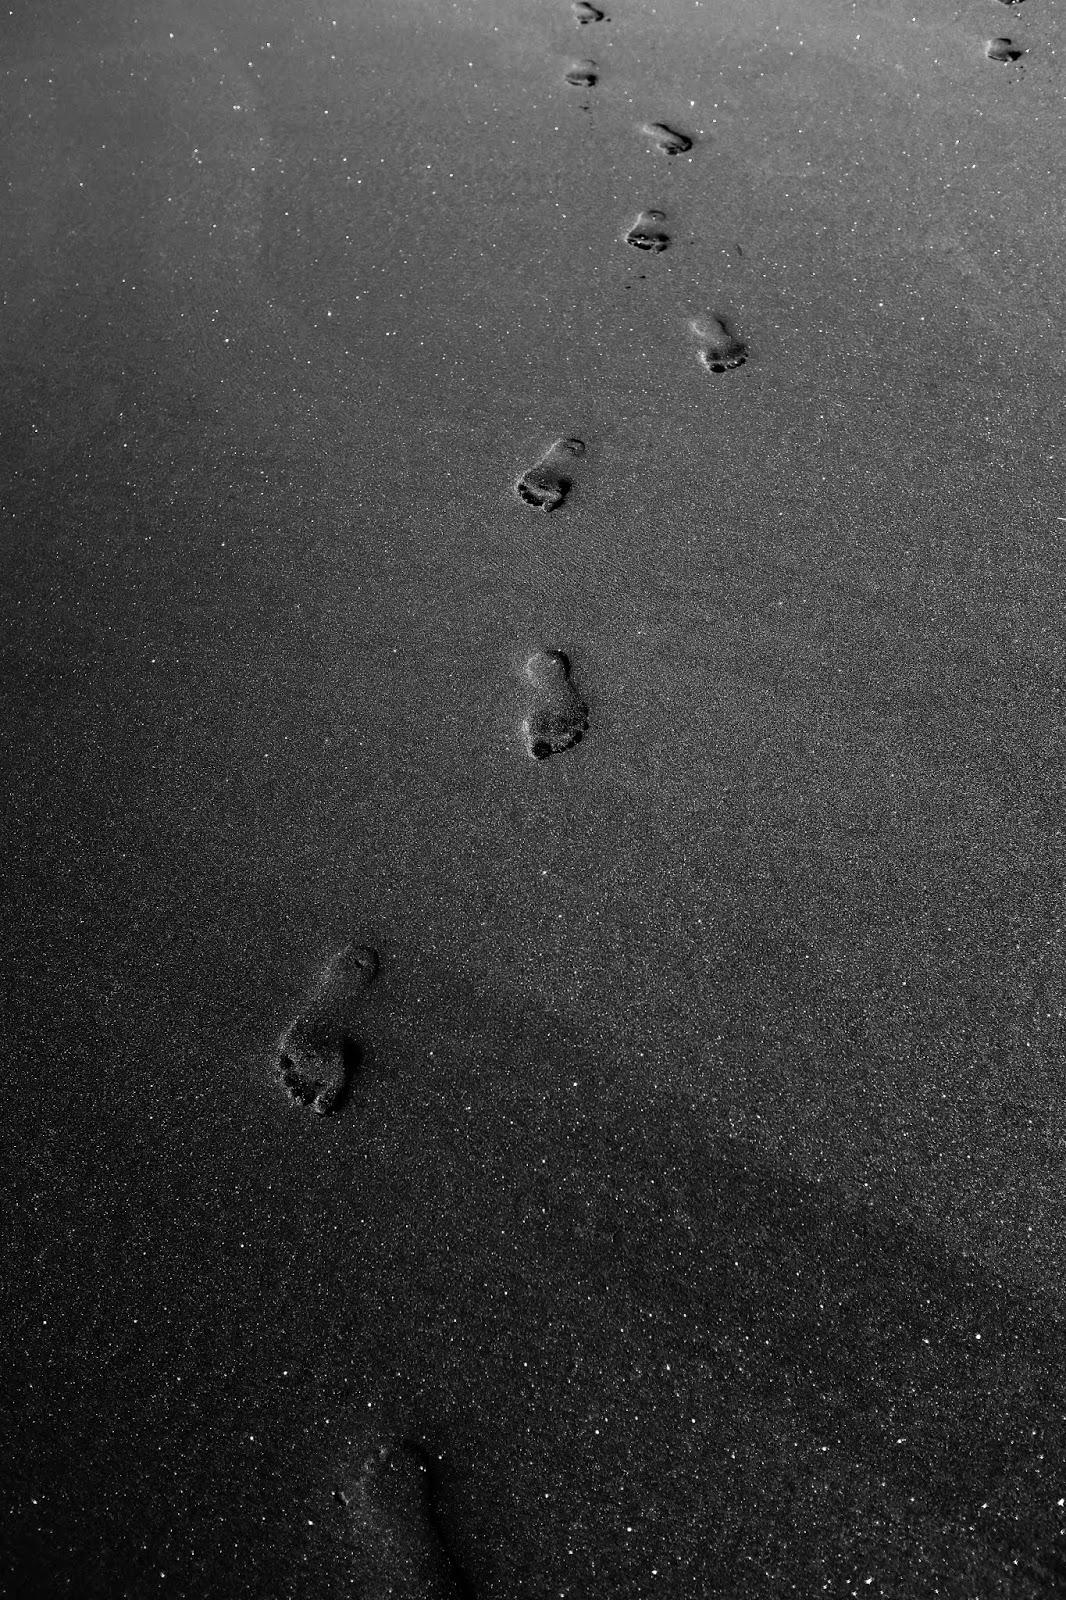 শীতল সন্তাপ : সাদিক আল আমিন